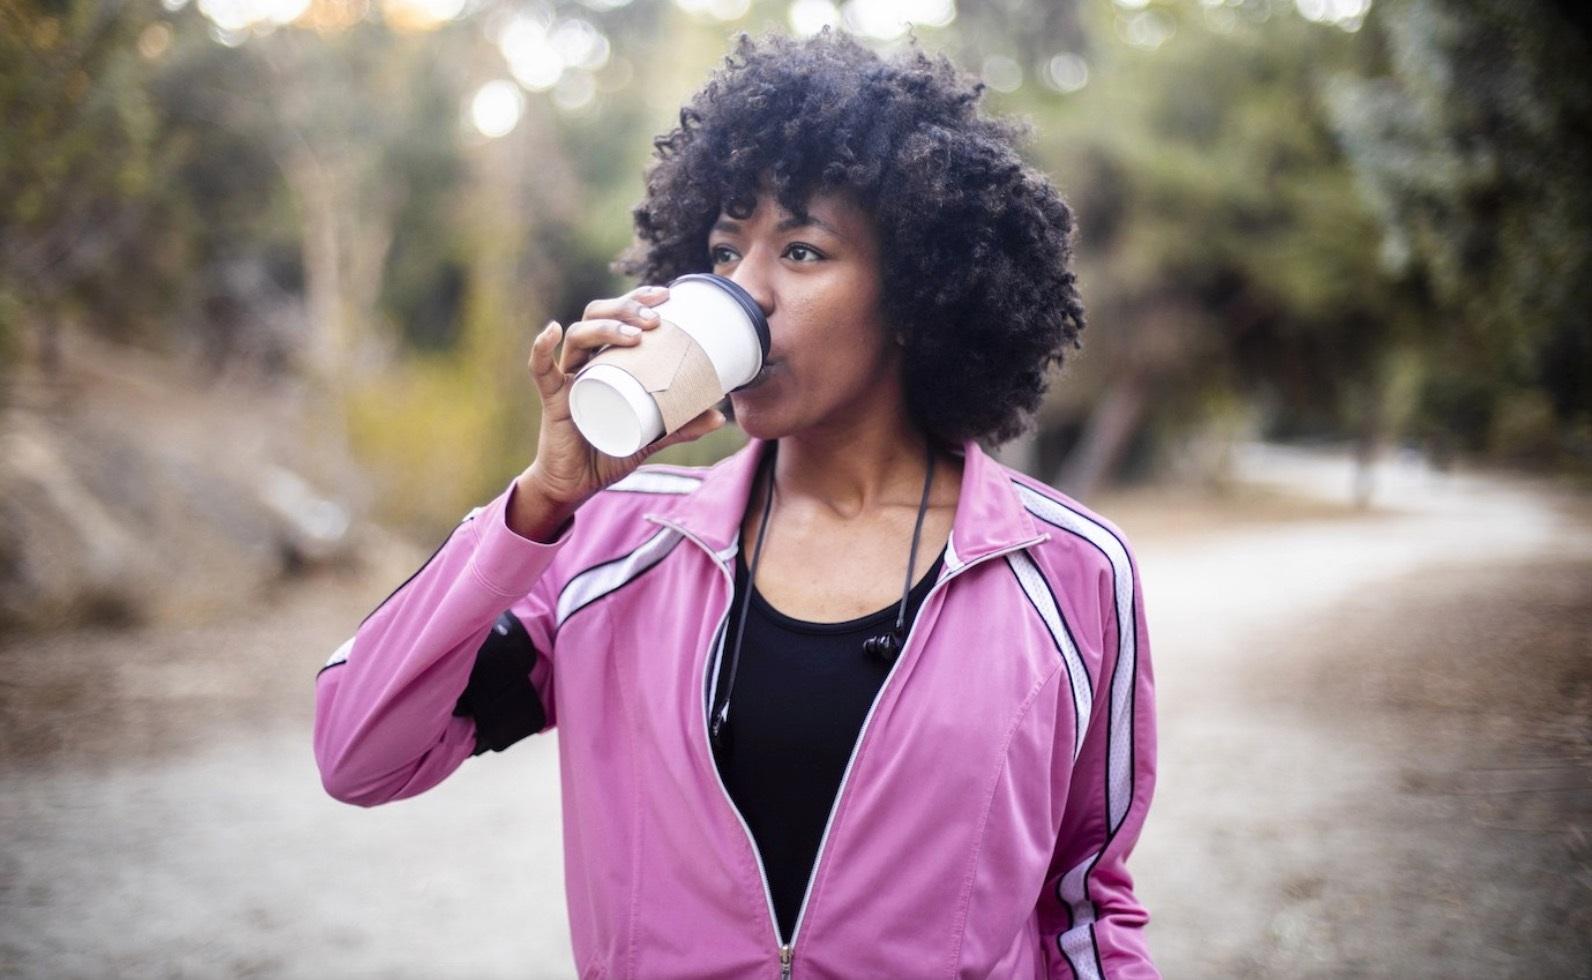 Efeitos ergogénicos da cafeína no desempenho físico